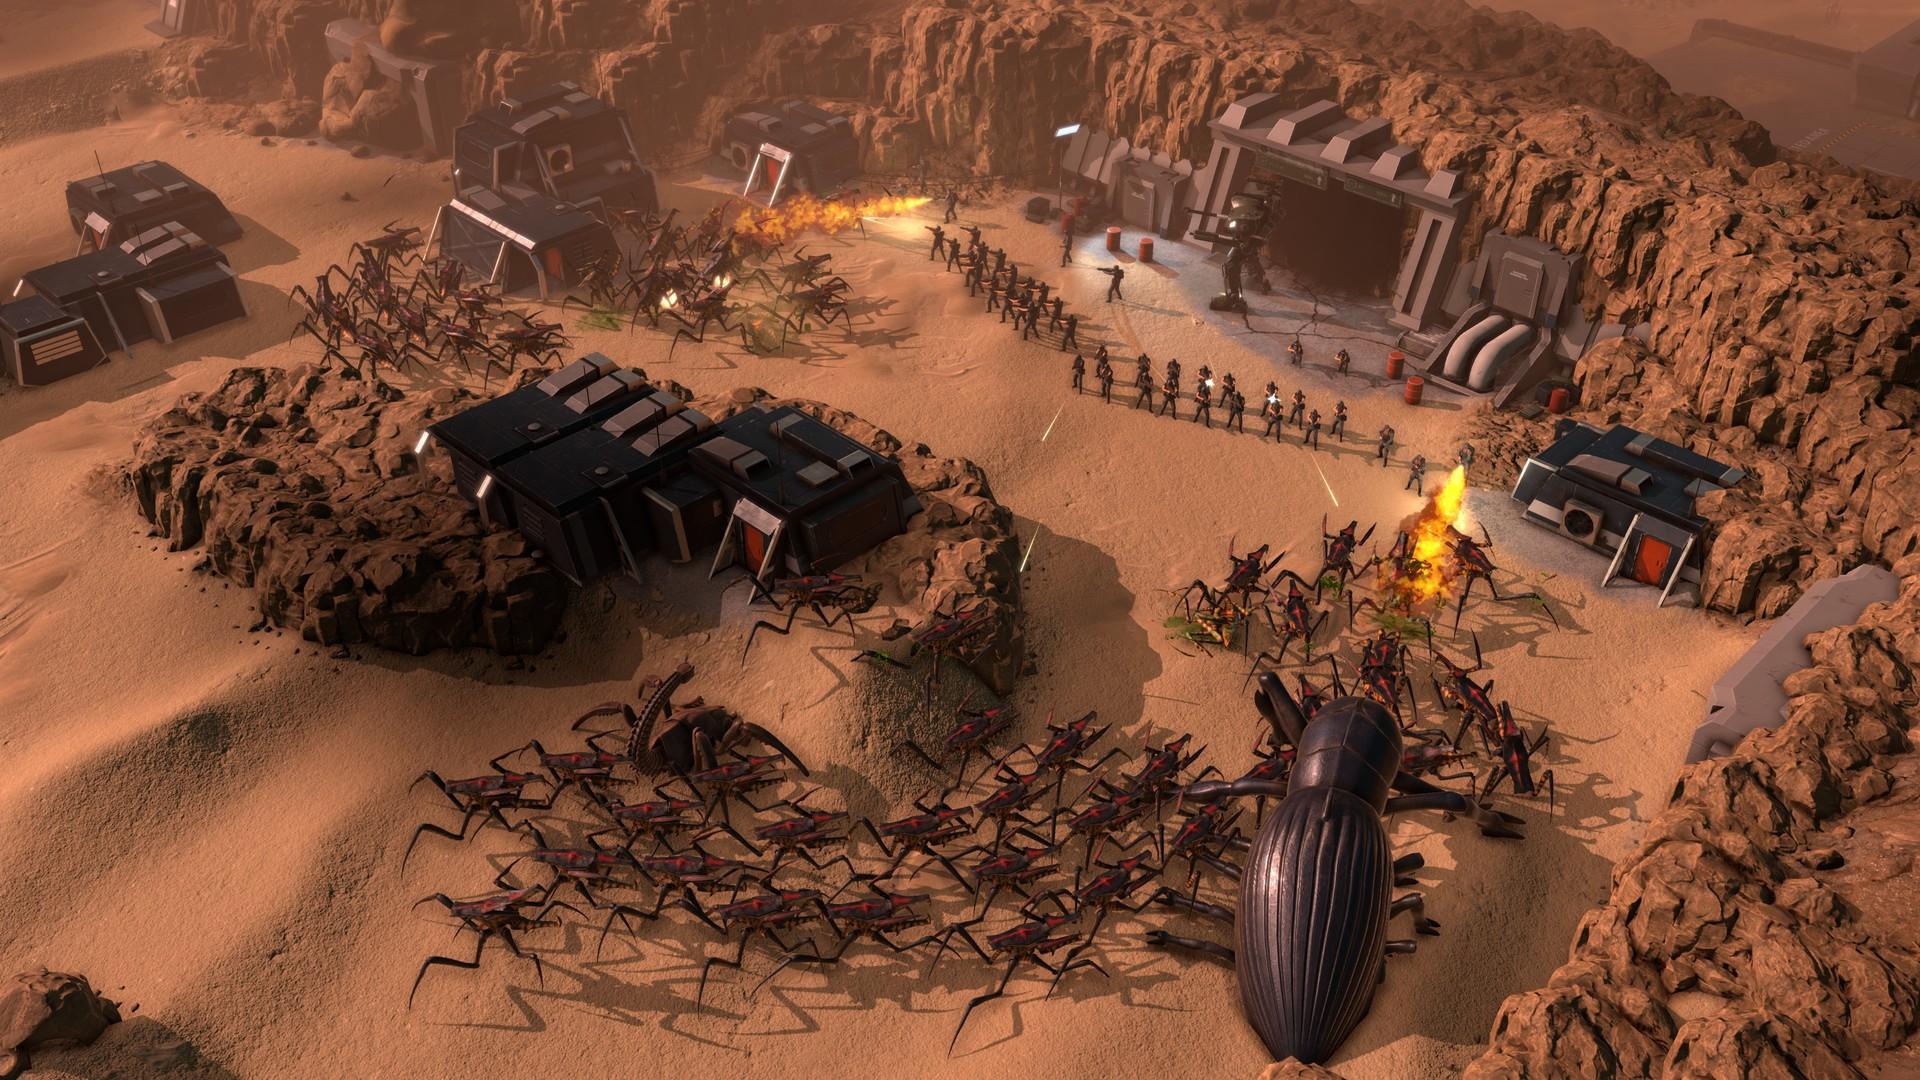 《星河战队:人类指挥部》新预告 杀戮恶心虫子